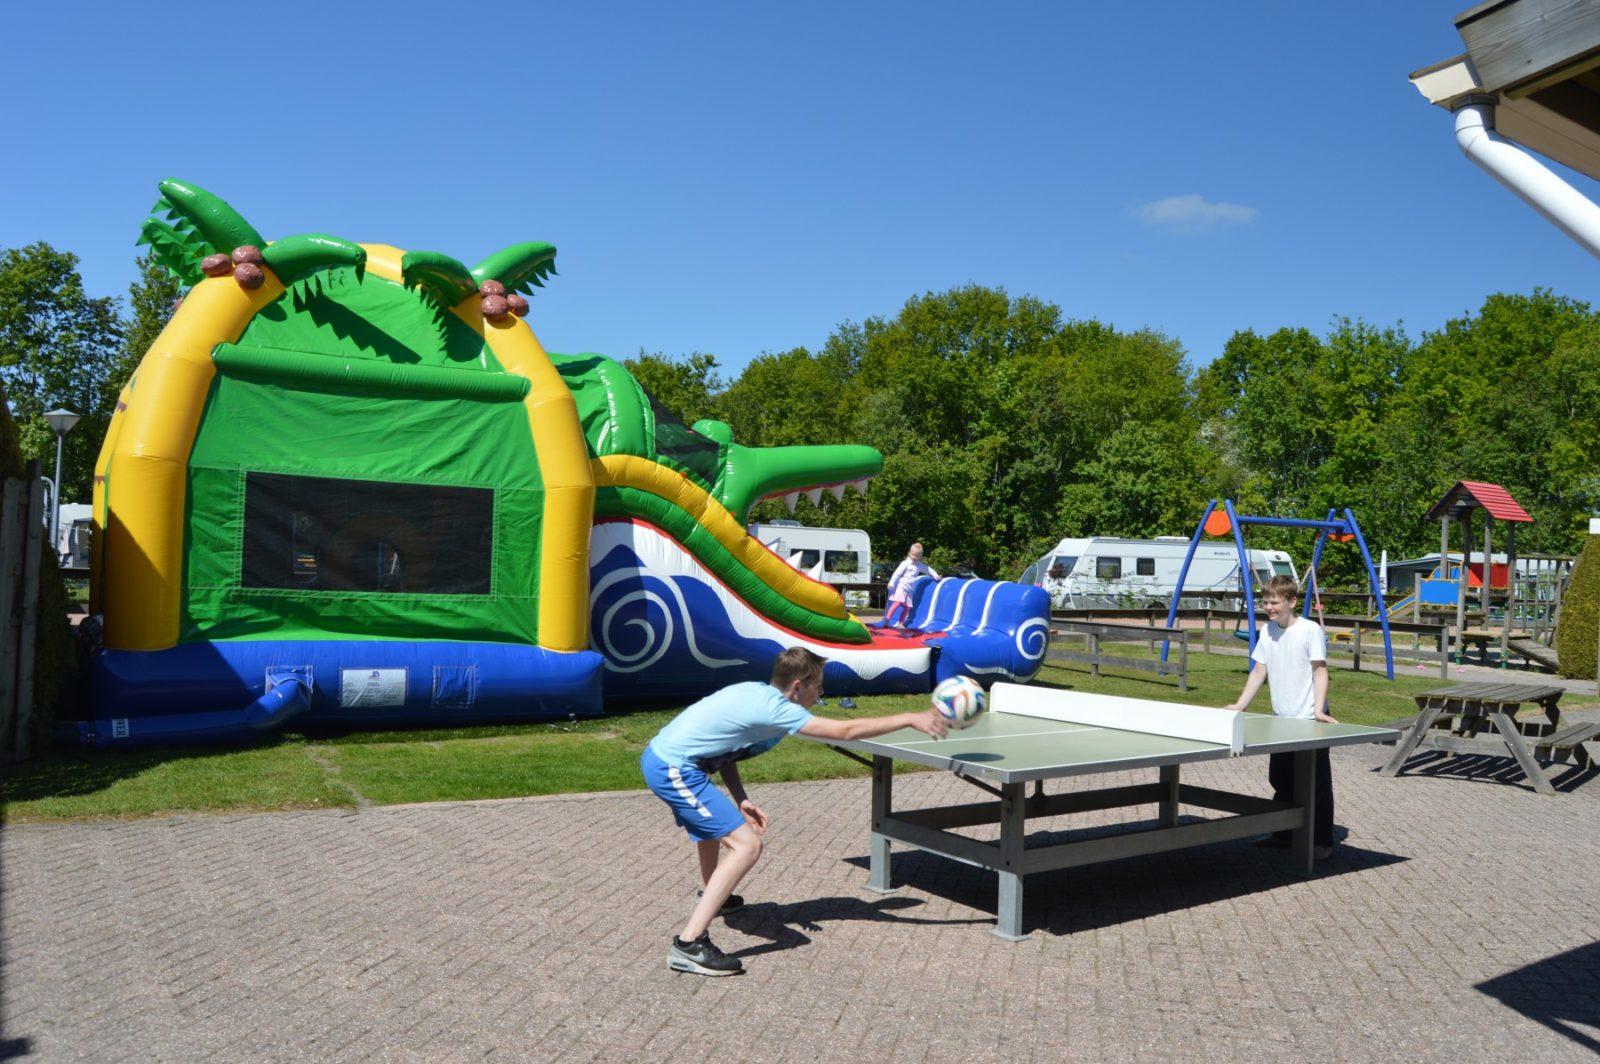 kindvriendelijk-camping-rotandorp-drenthe-friesland 1